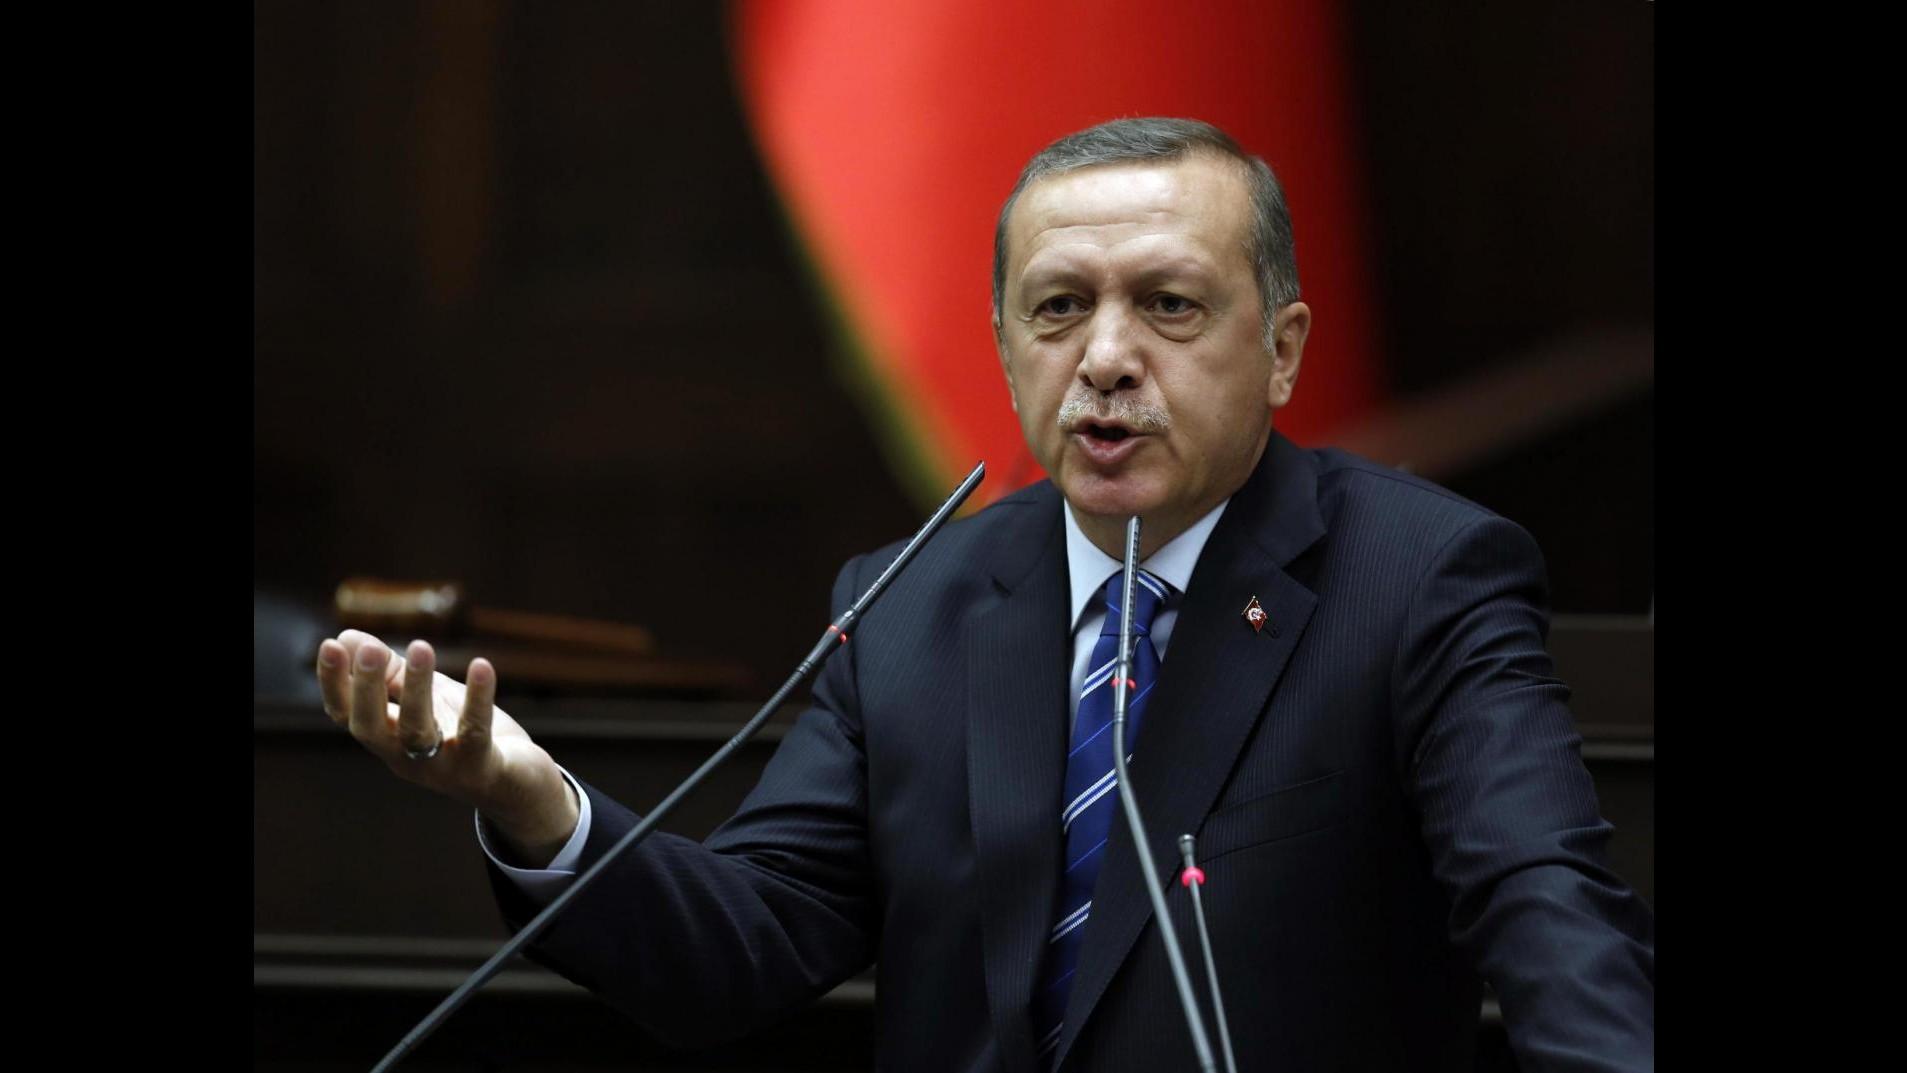 Turchia, rilasciato direttore Zaman, arresto confermato per 4 persone